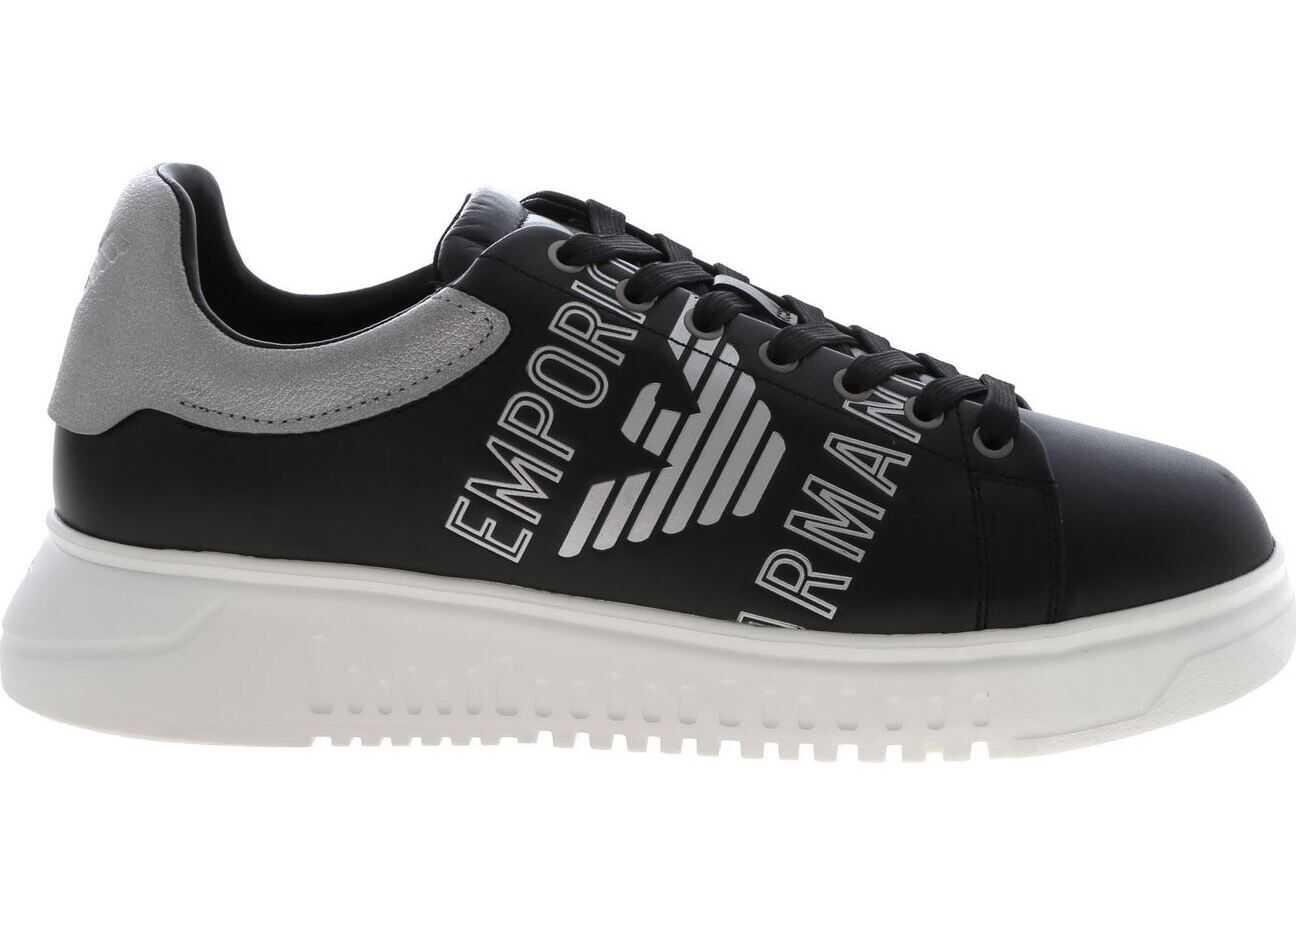 Emporio Armani Black And Silver Sneakers Black